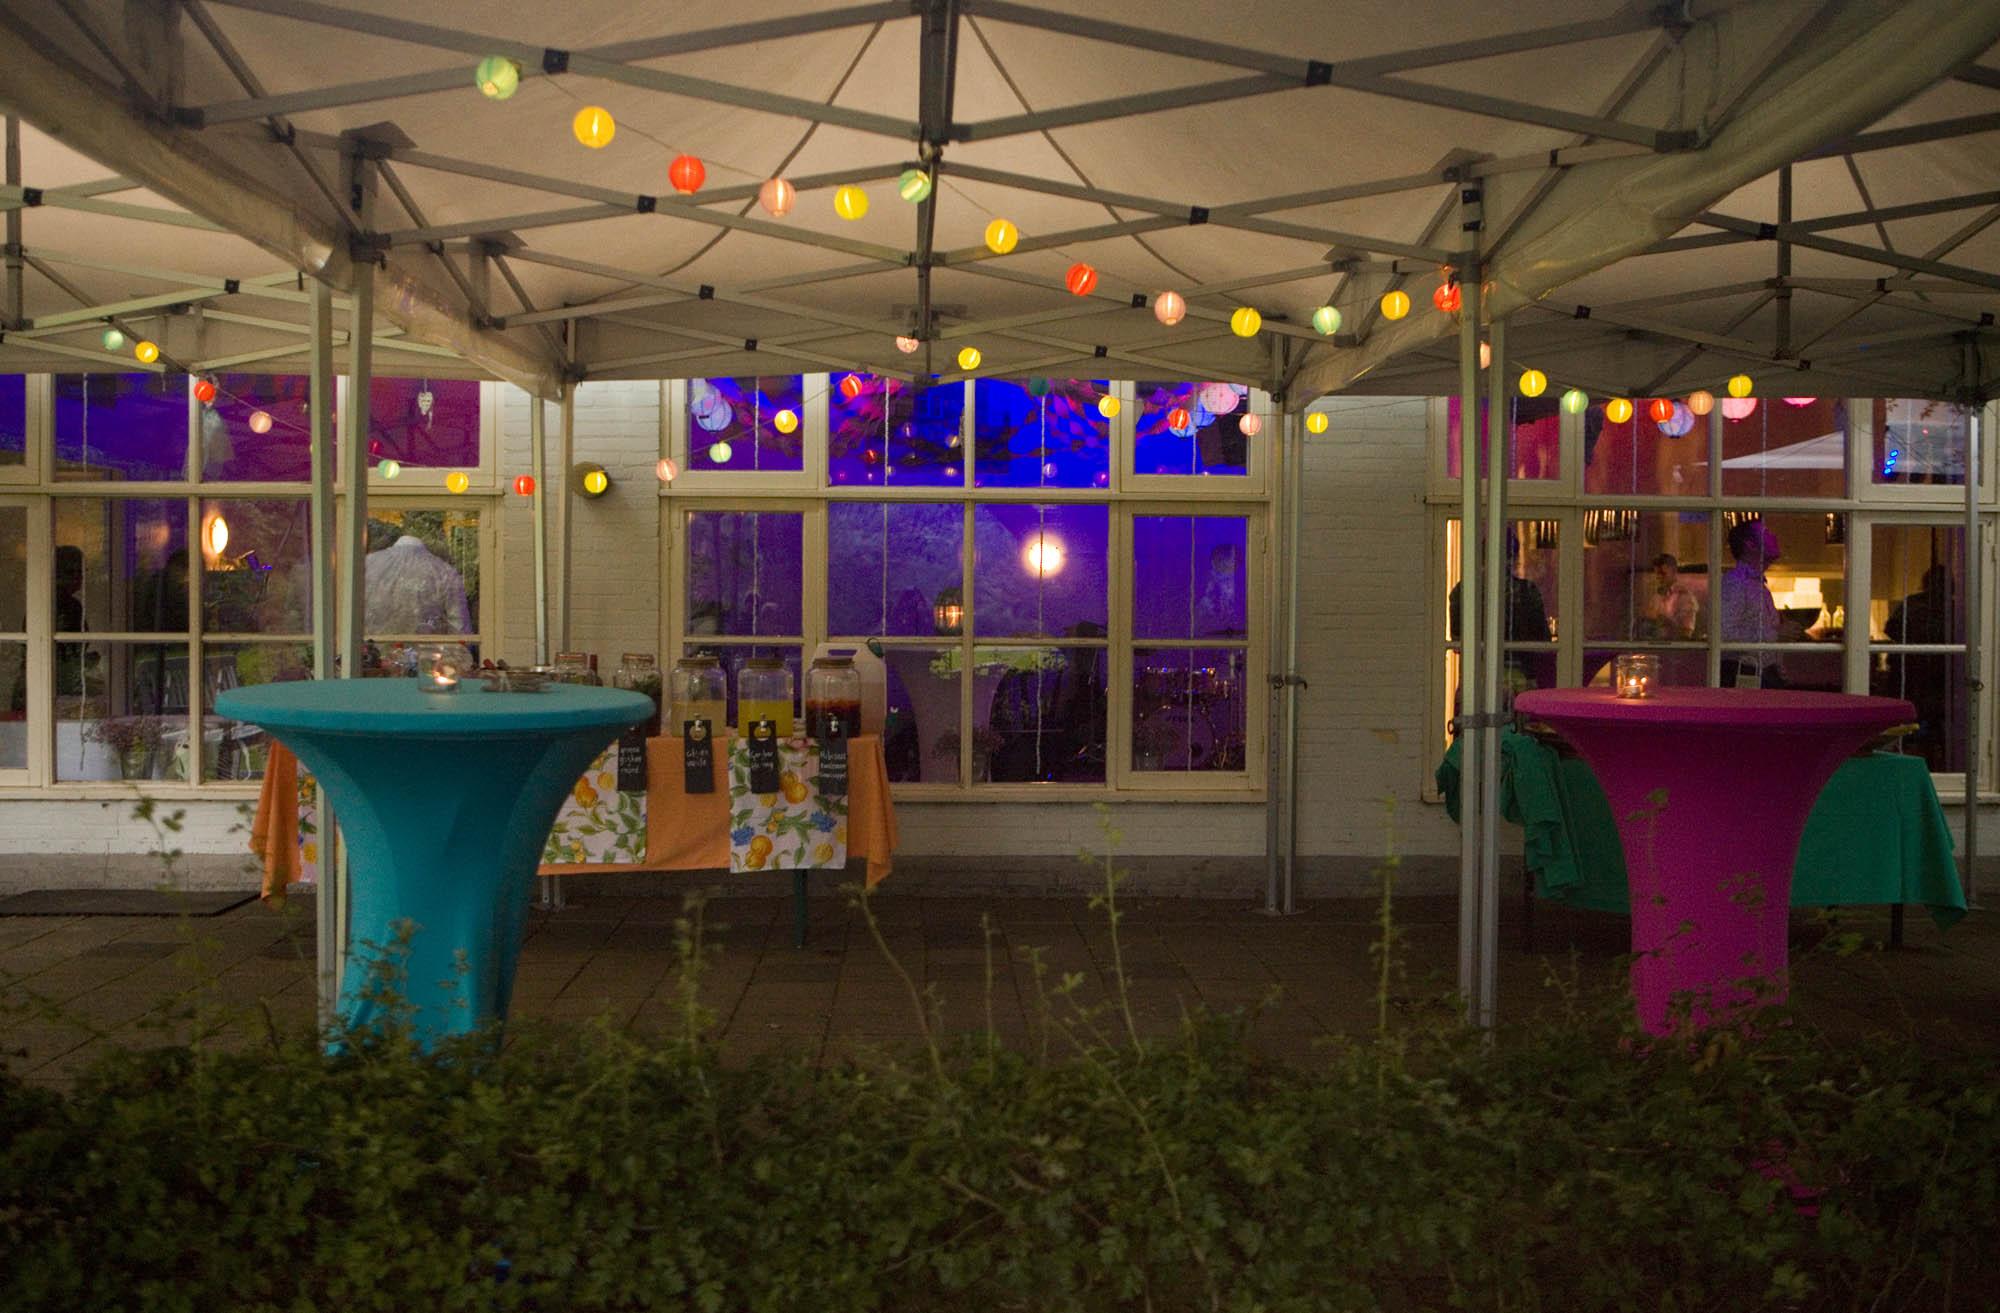 Bruidsfotografie bruiloft sfeervol decoraties trouwfeest lampjes Hertenhorst Delft